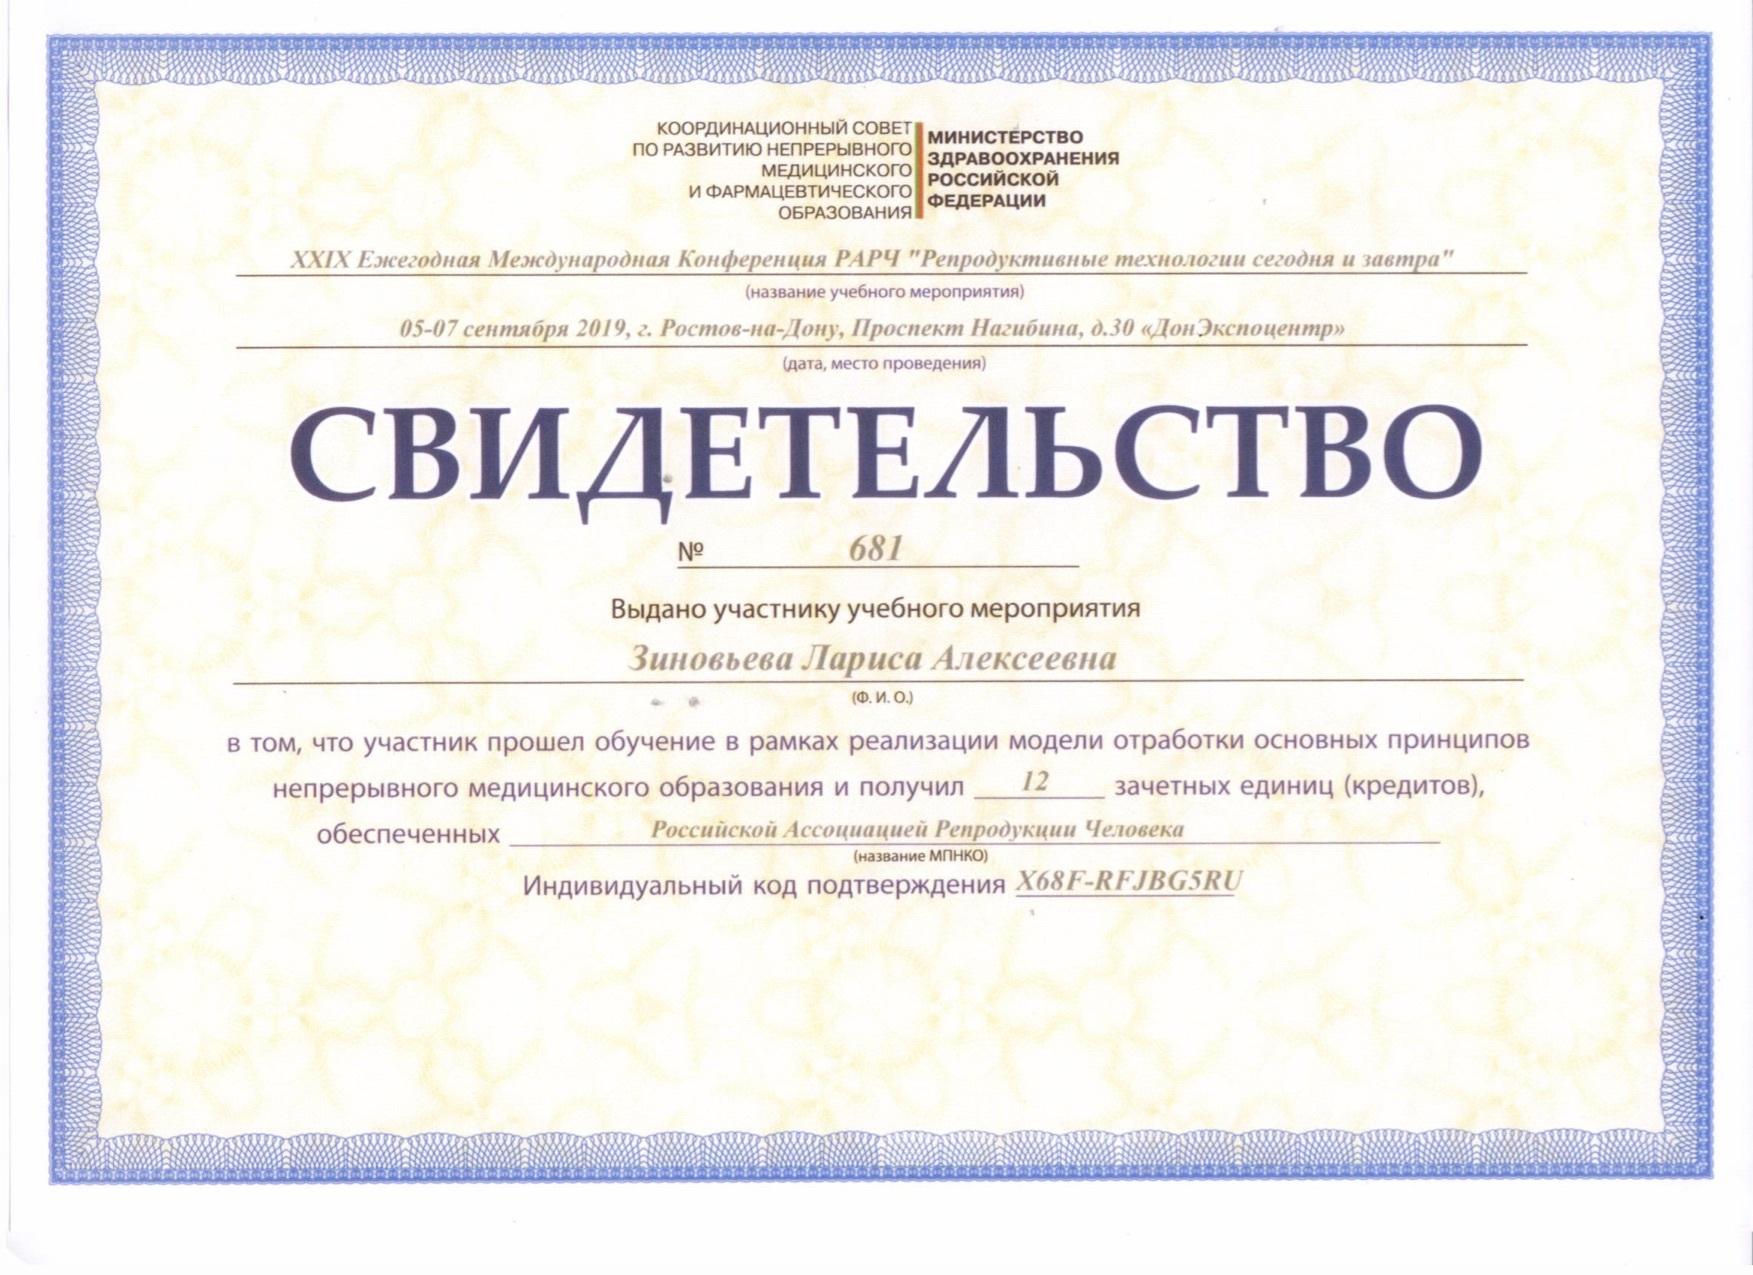 Зиновьева Лариса Алексеевна